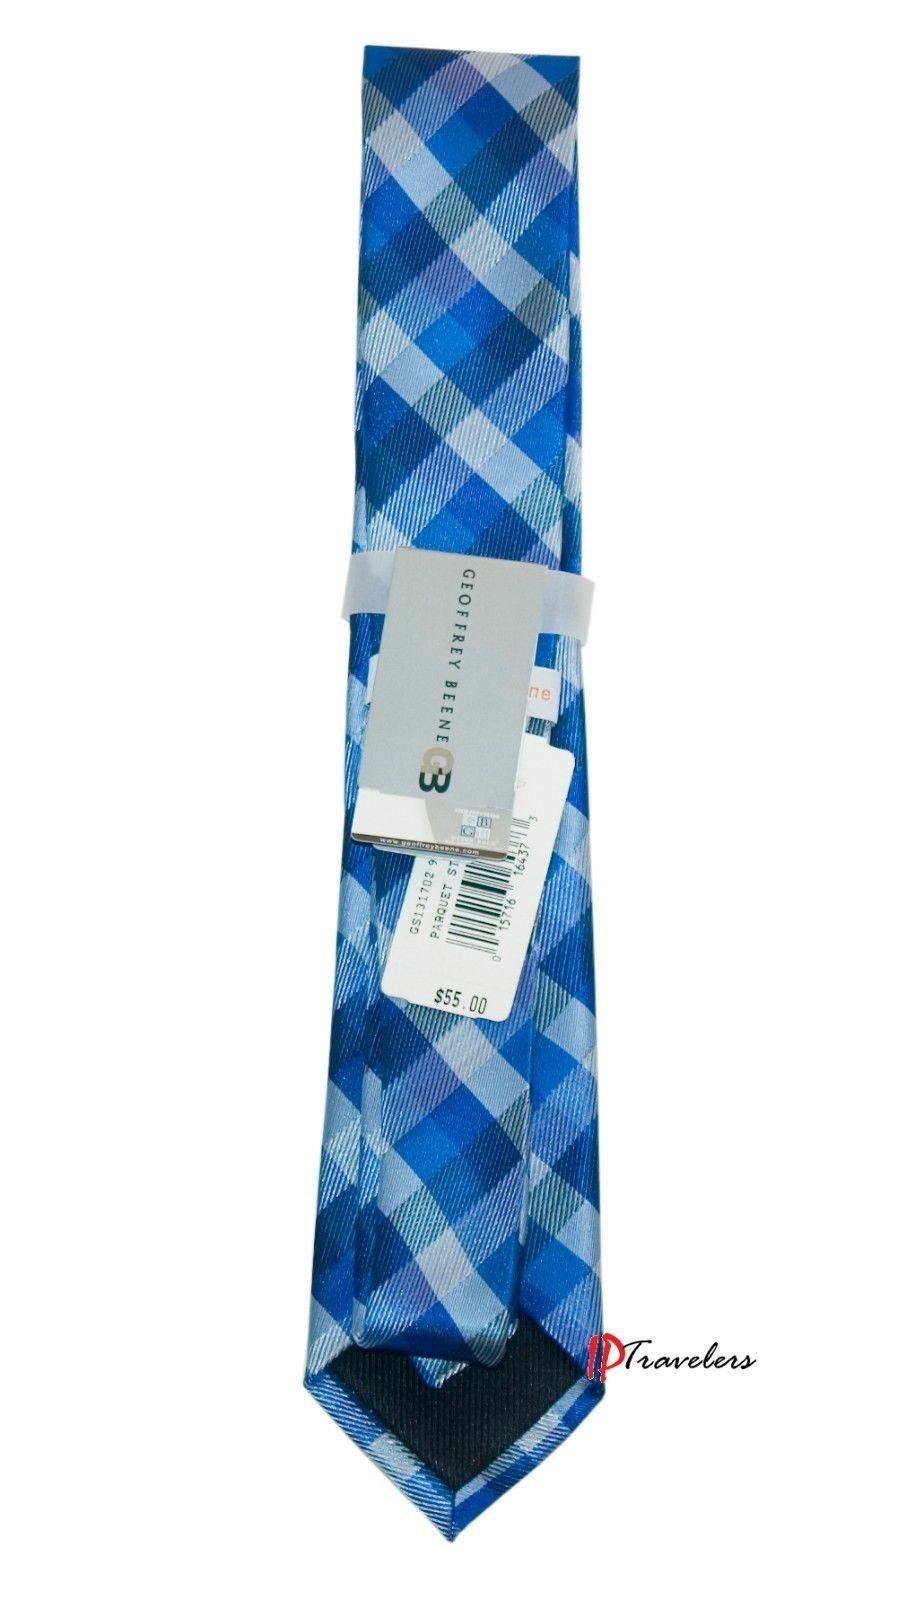 Geoffrey Beene Men's Neck Tie Slim Dark Blue and White Checkered 100% Polyester image 2